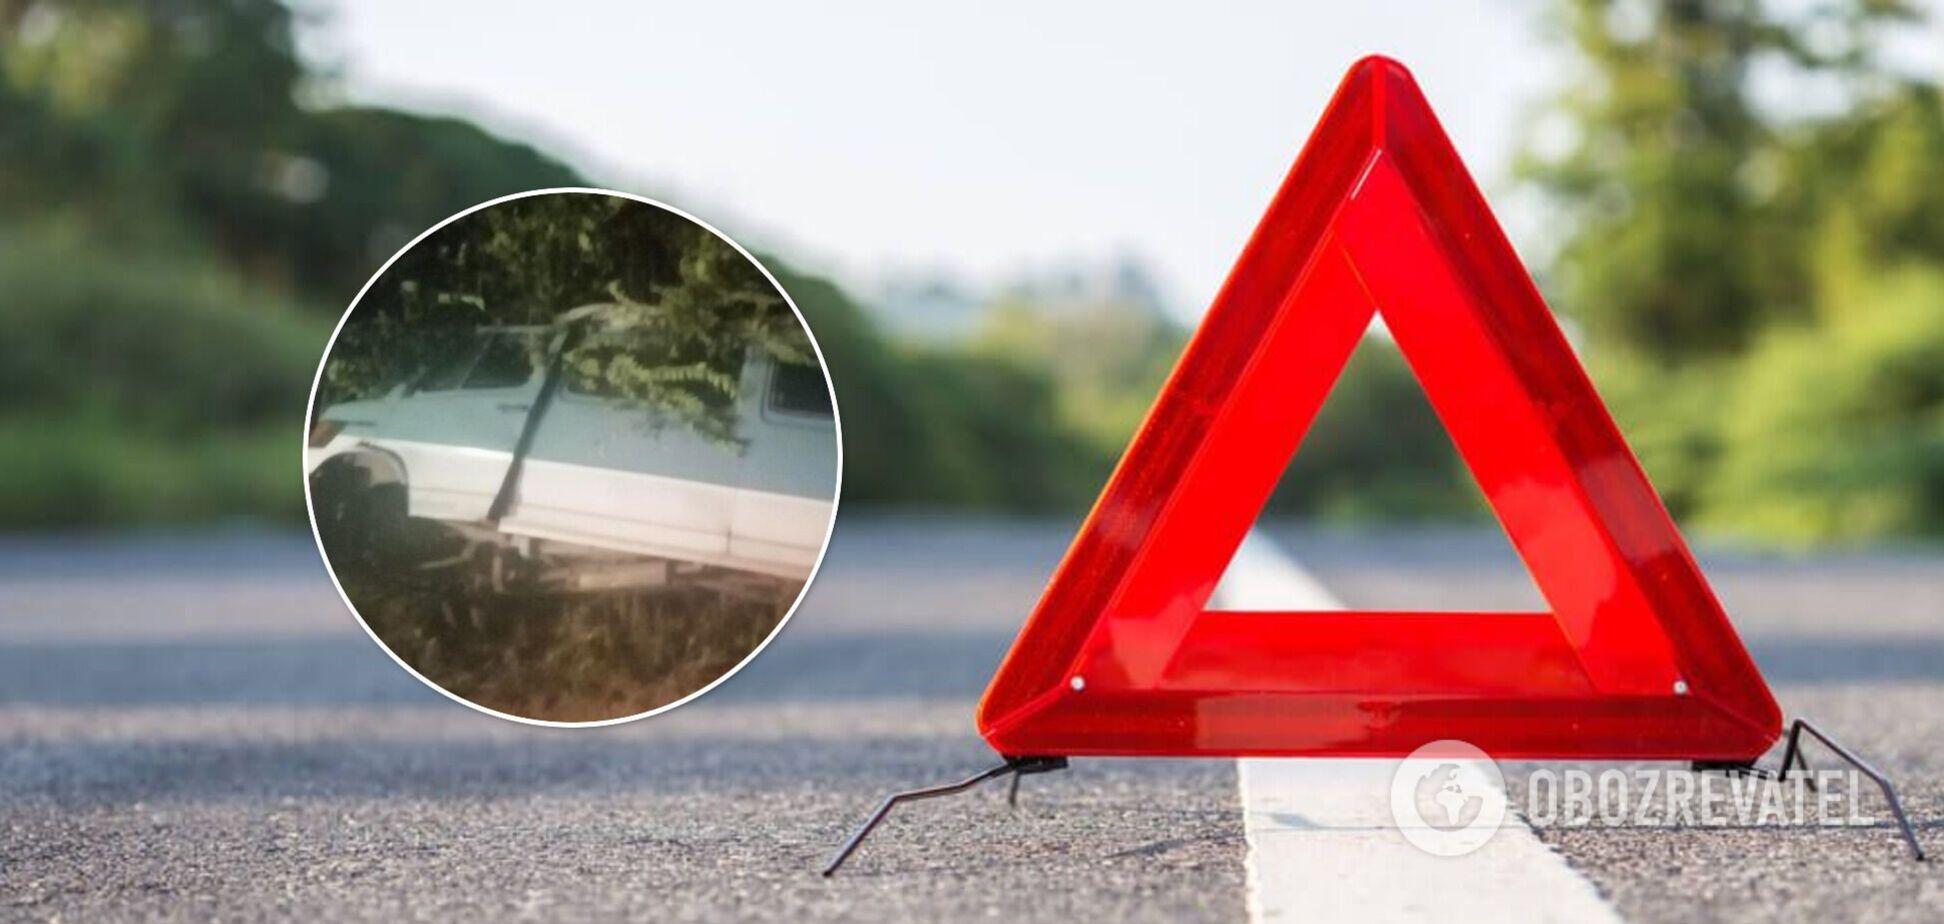 На Николаевщине водитель устроил смертельное ДТП и сбежал. Фото